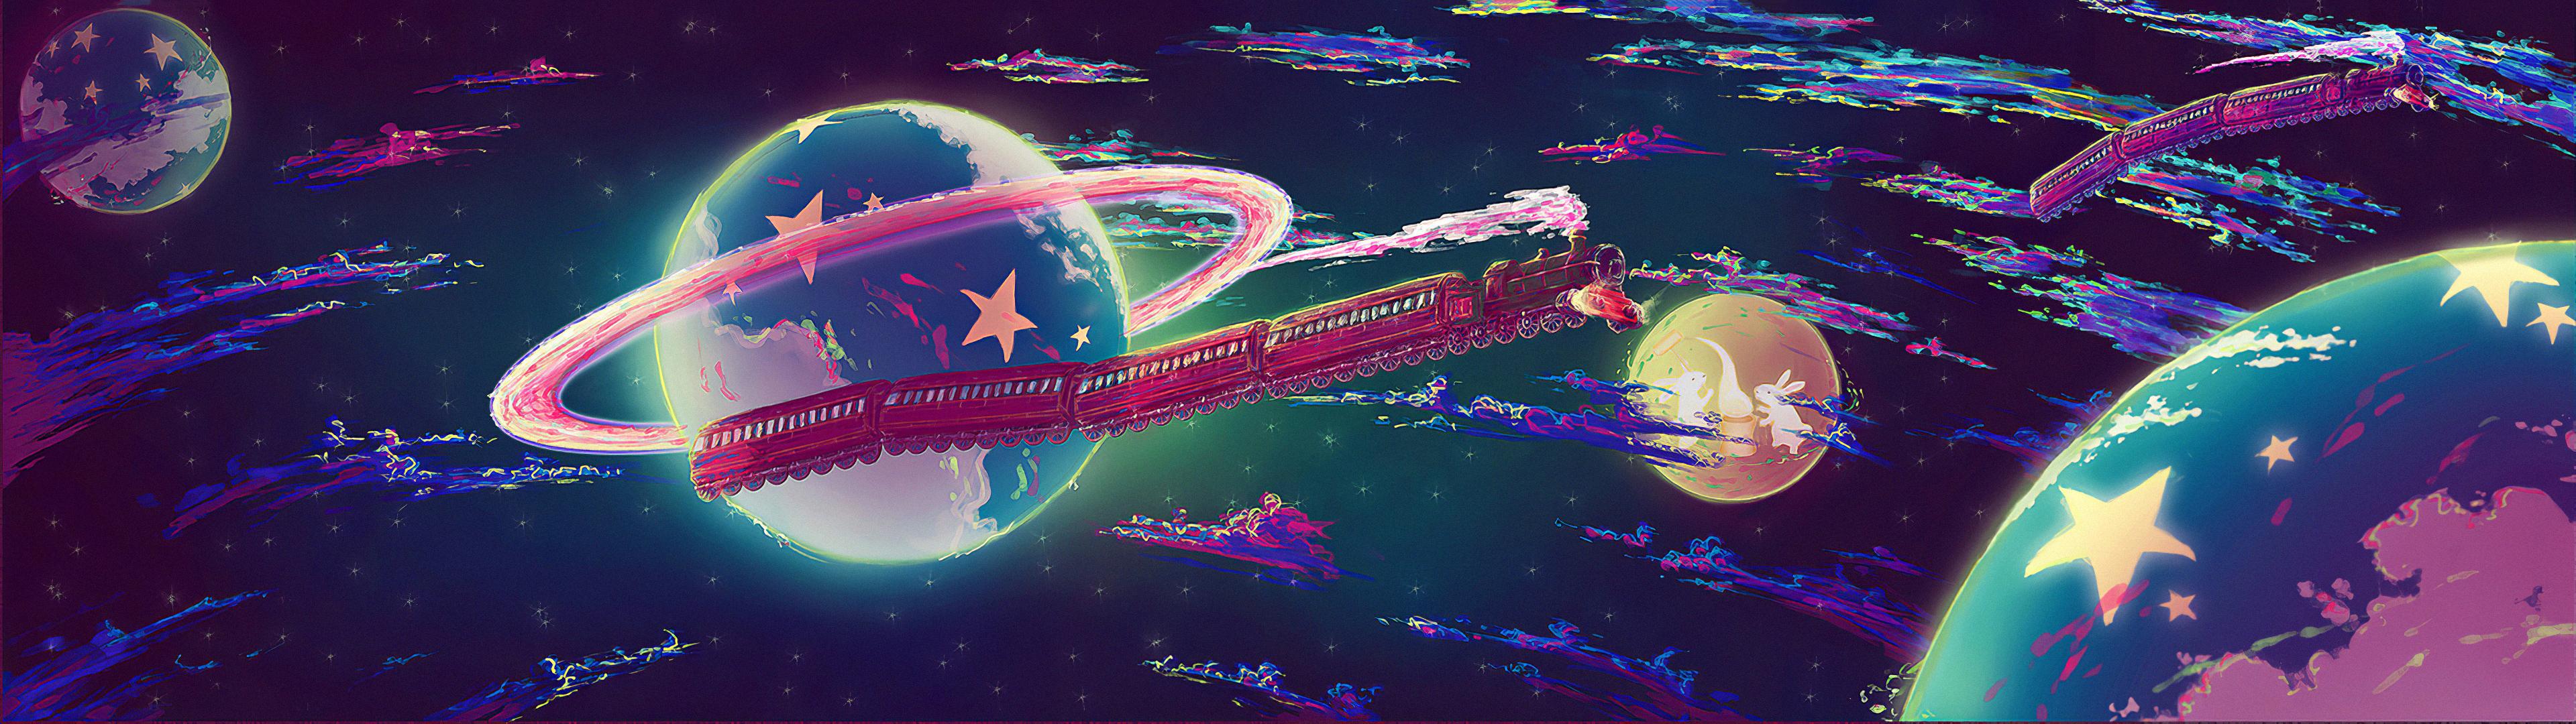 space train 1578255151 - Space Train -